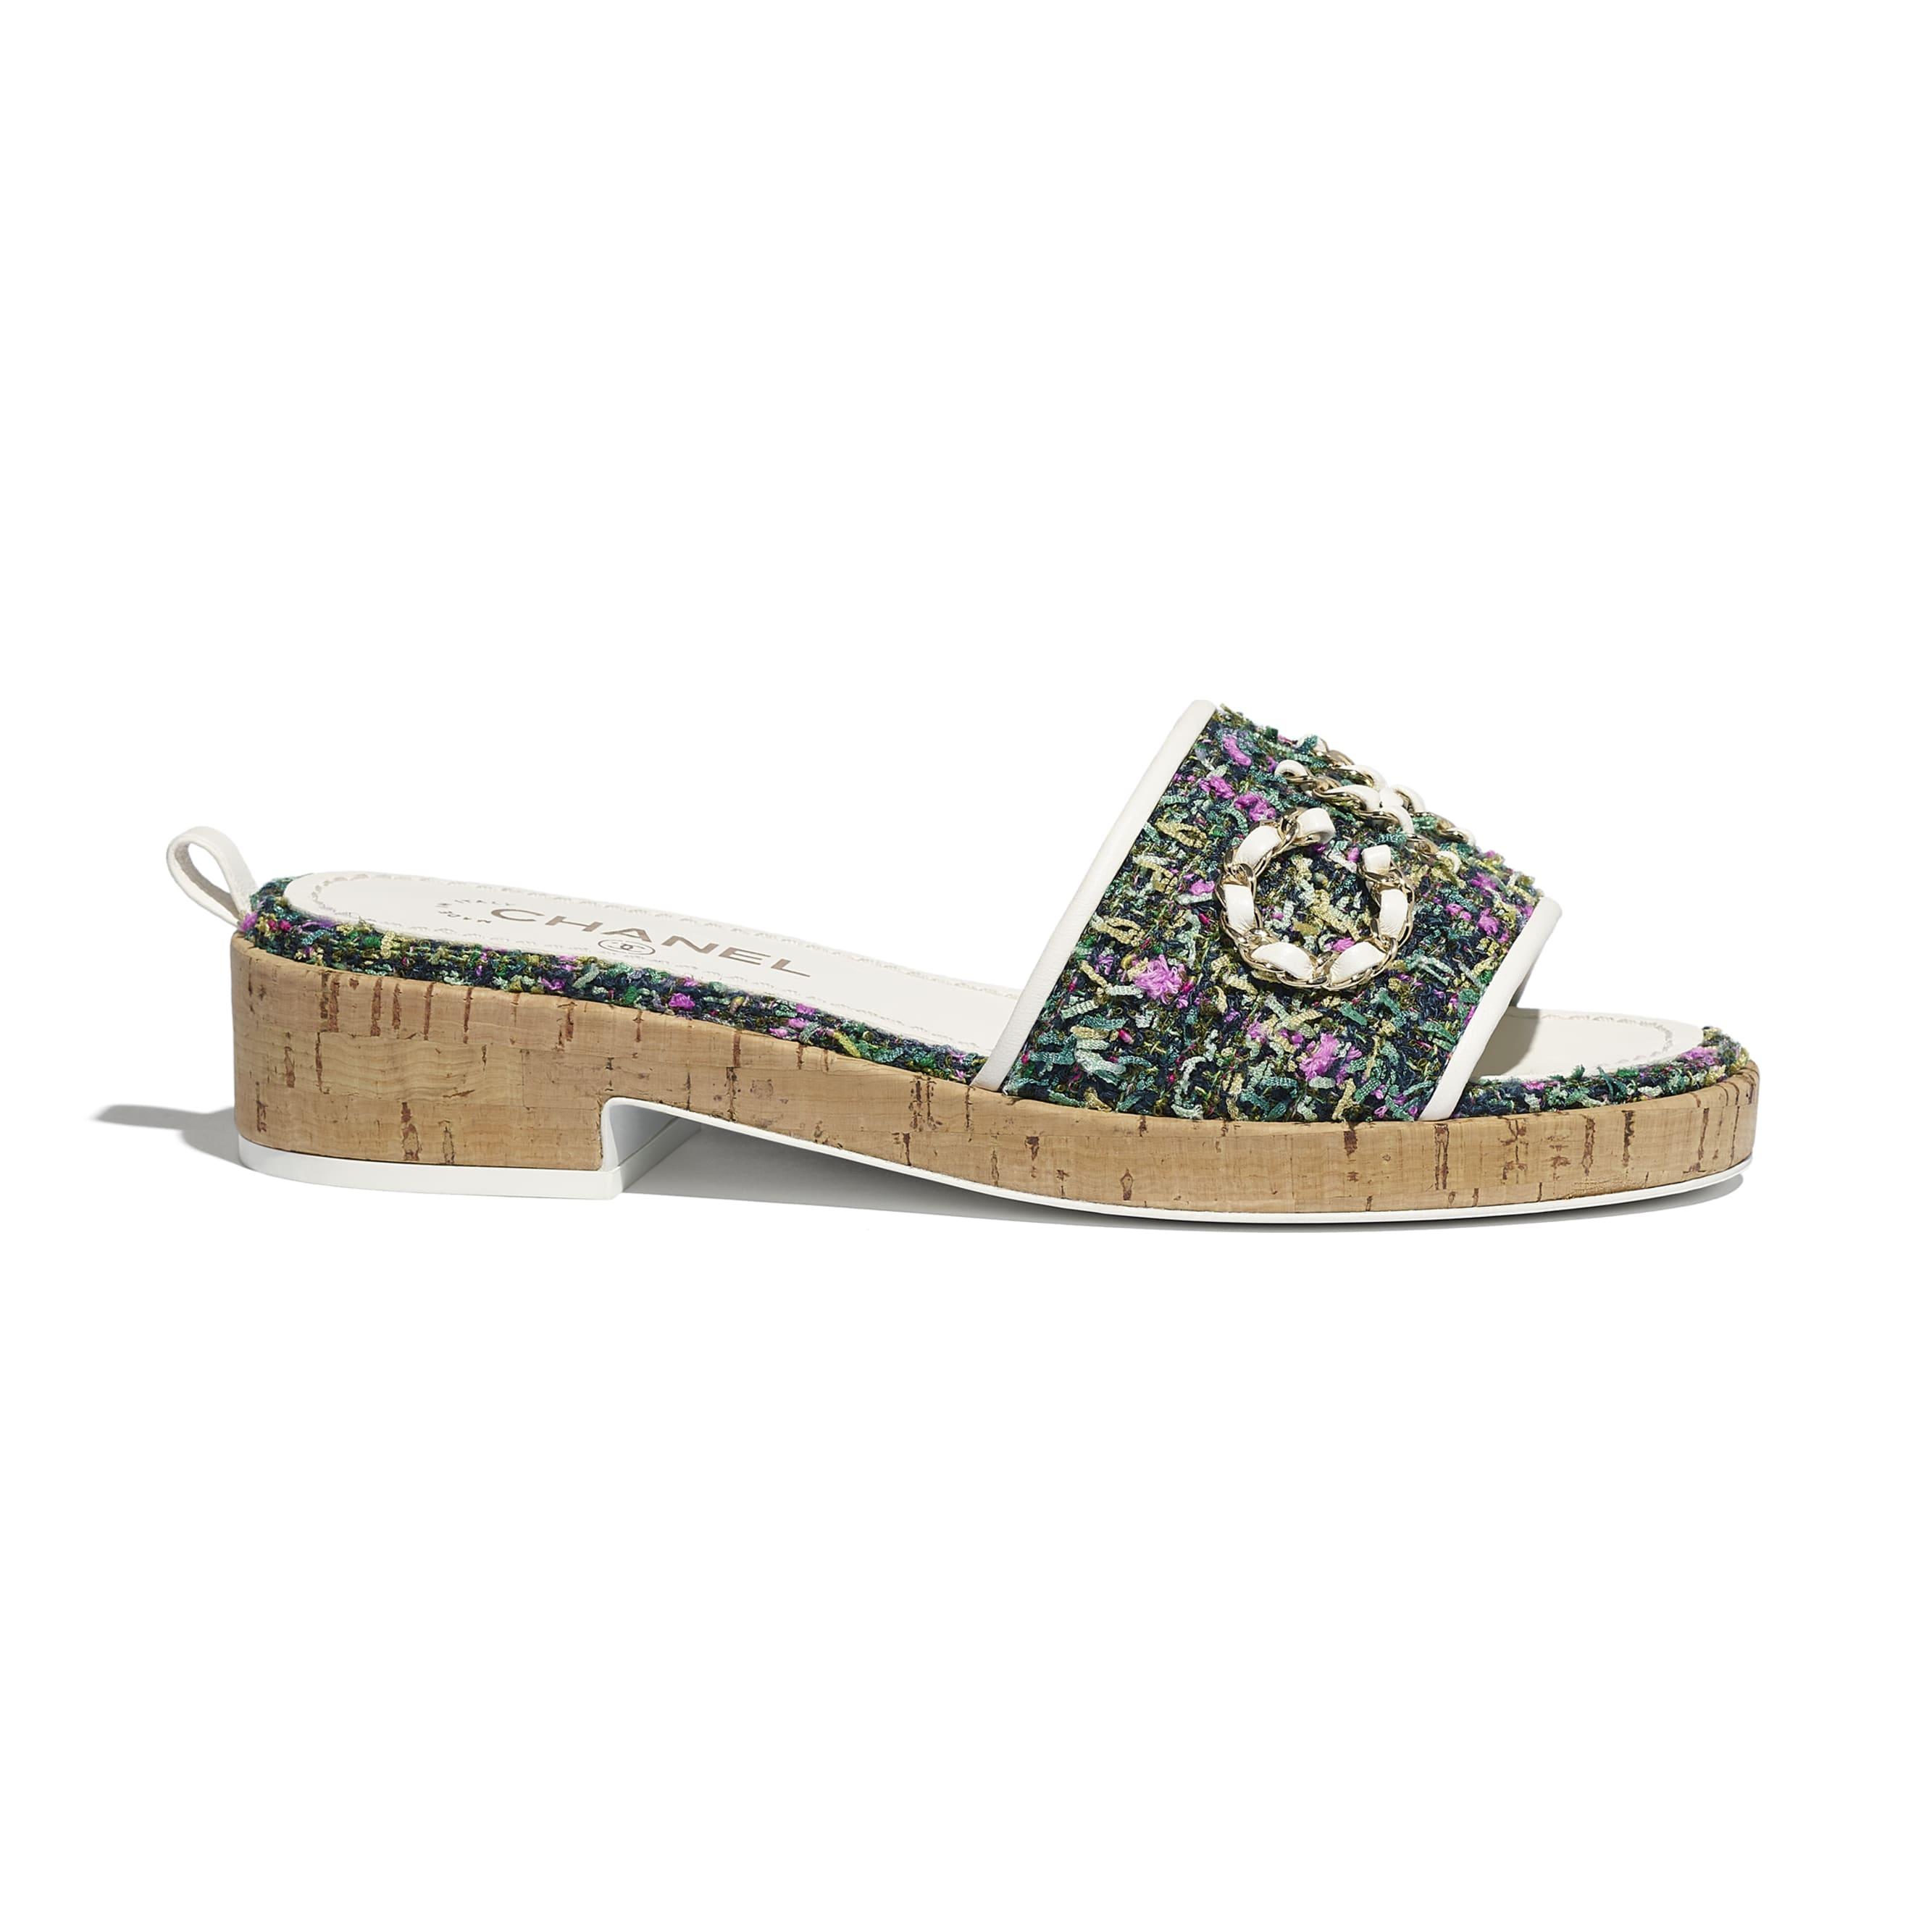 蜜兒拖鞋 - 綠、粉紅 & 黃 - 斜紋軟呢 - CHANEL - 預設視圖 - 查看標準尺寸版本